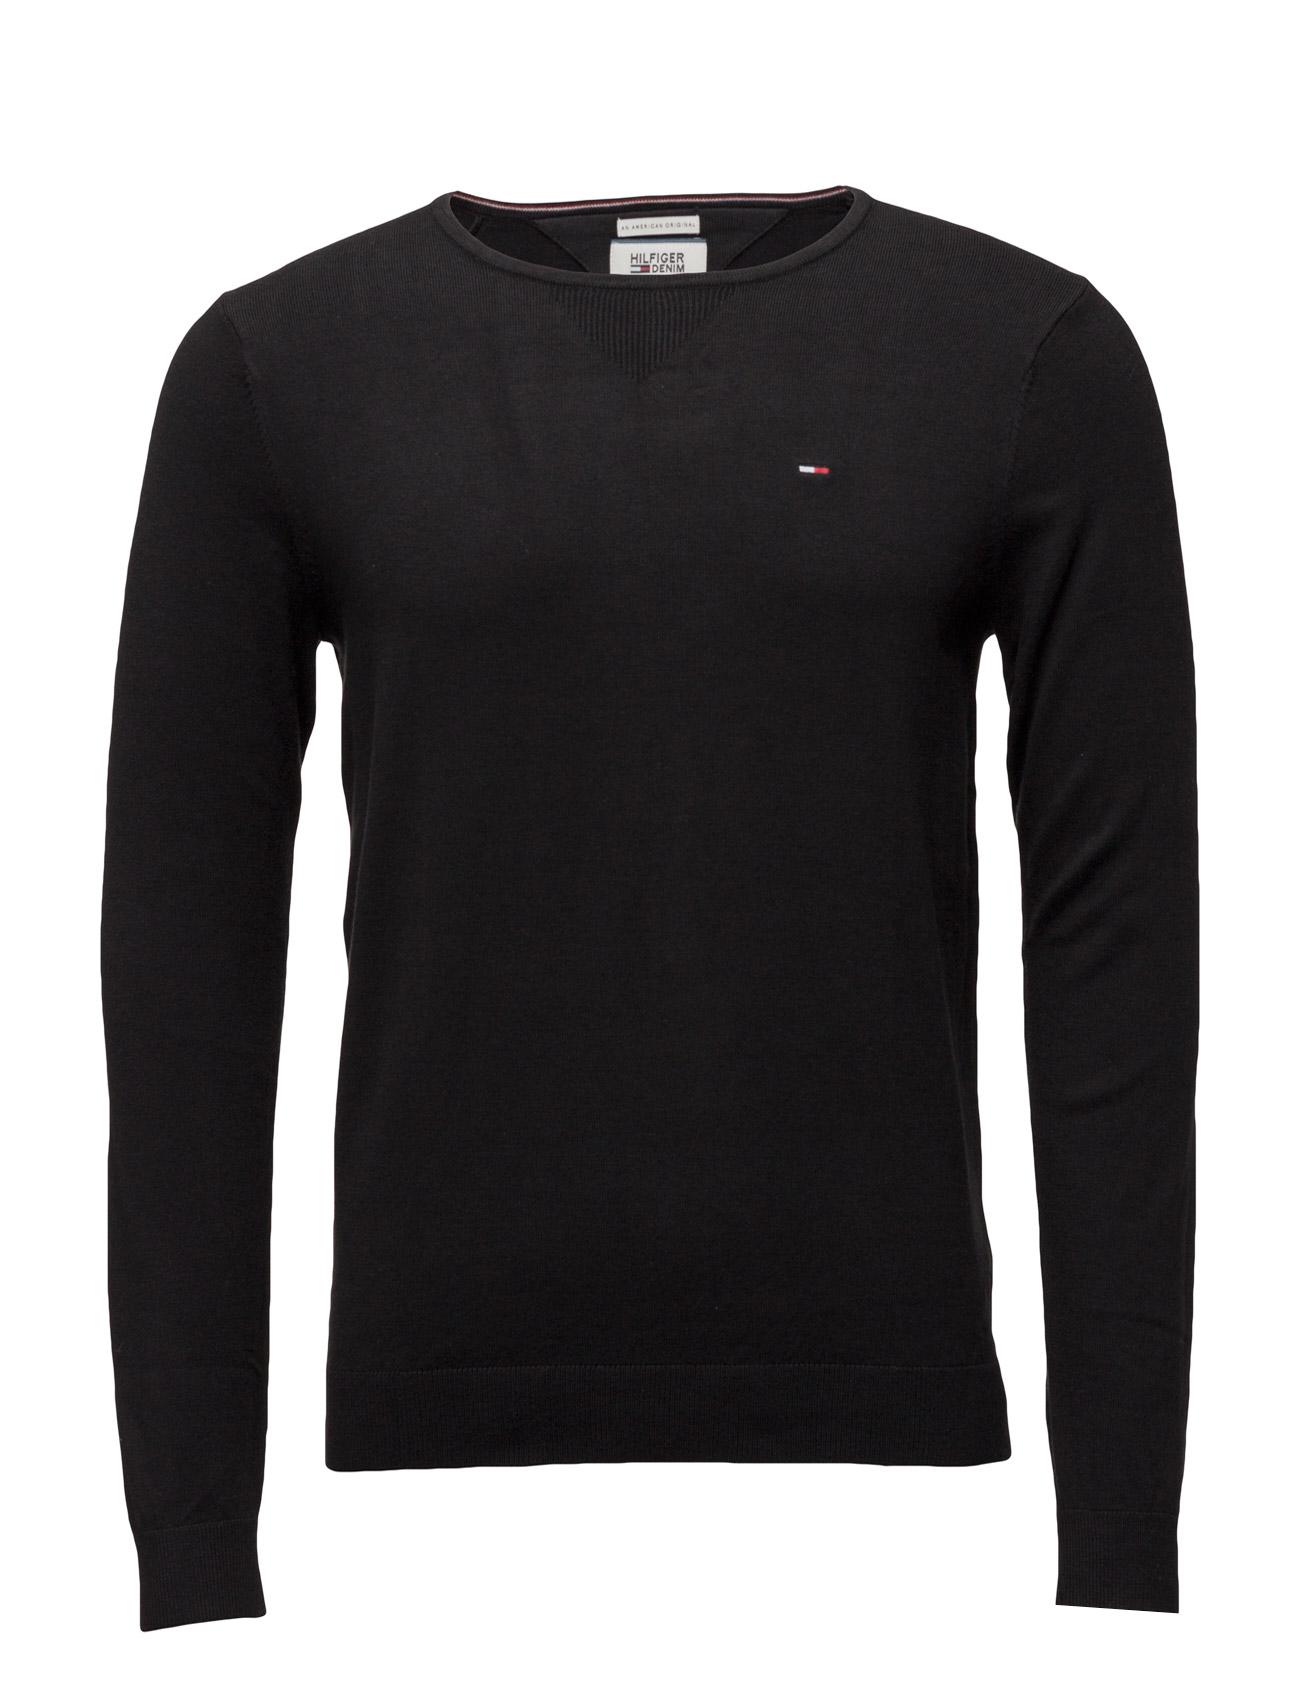 Original Cn Sweater L/S Hilfiger Denim Striktøj til Mænd i Sort